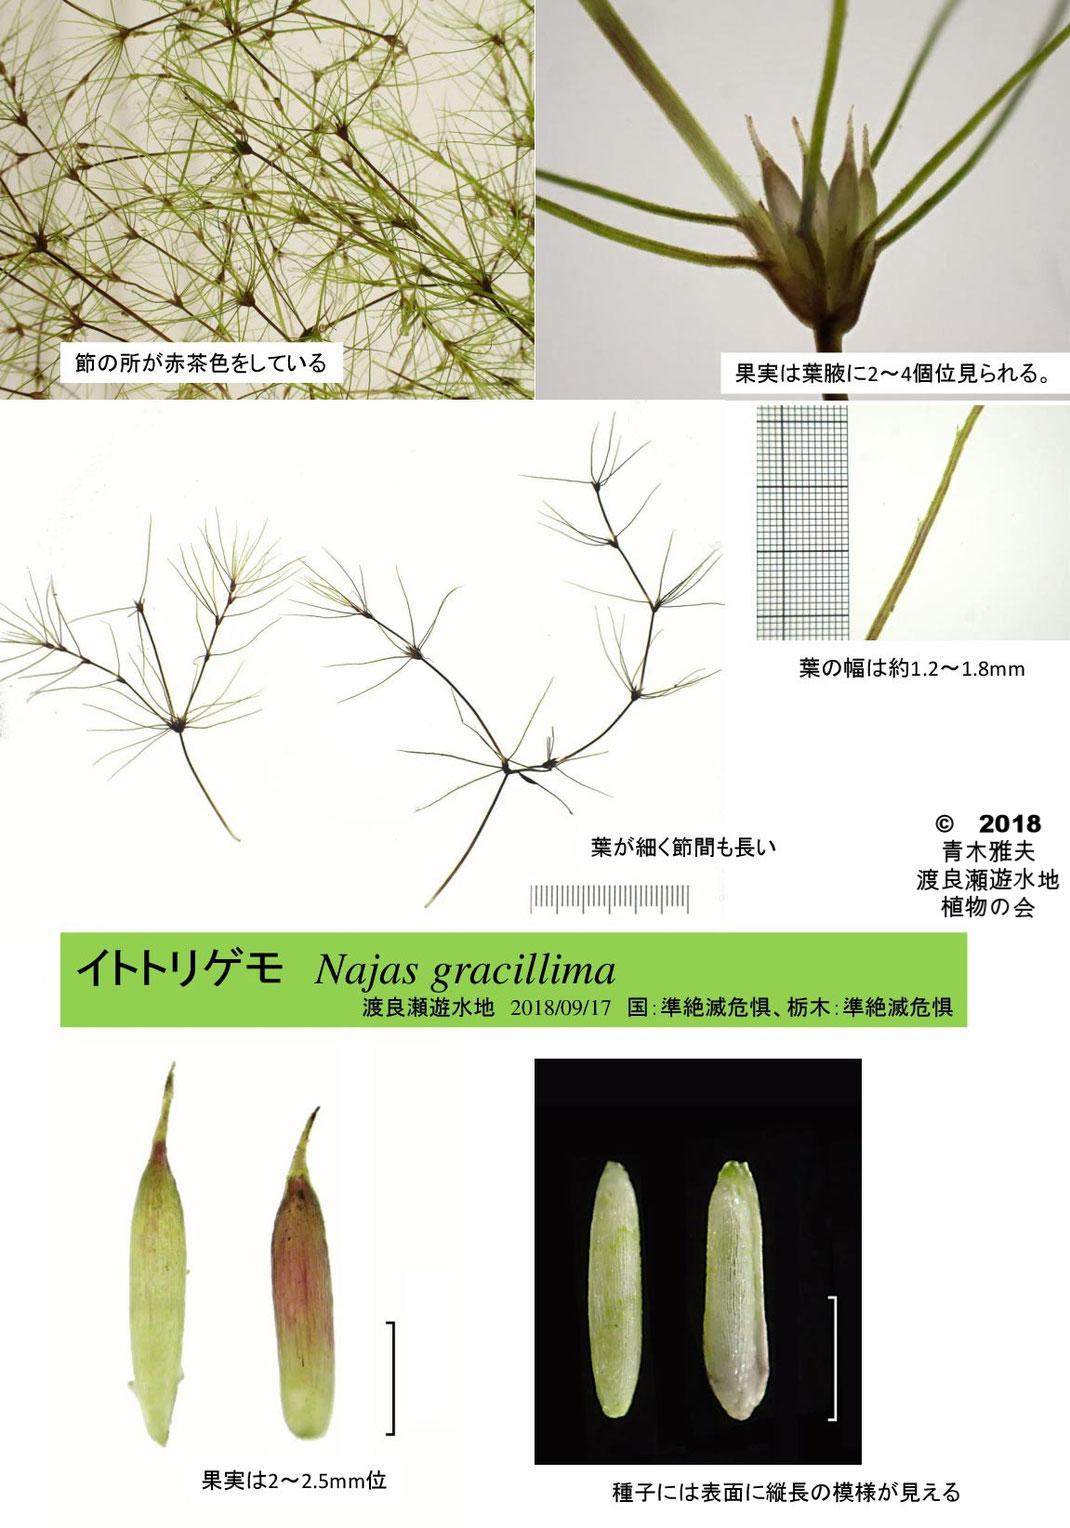 渡良瀬遊水地に生育するイトトリゲモの全体画像と説明文書